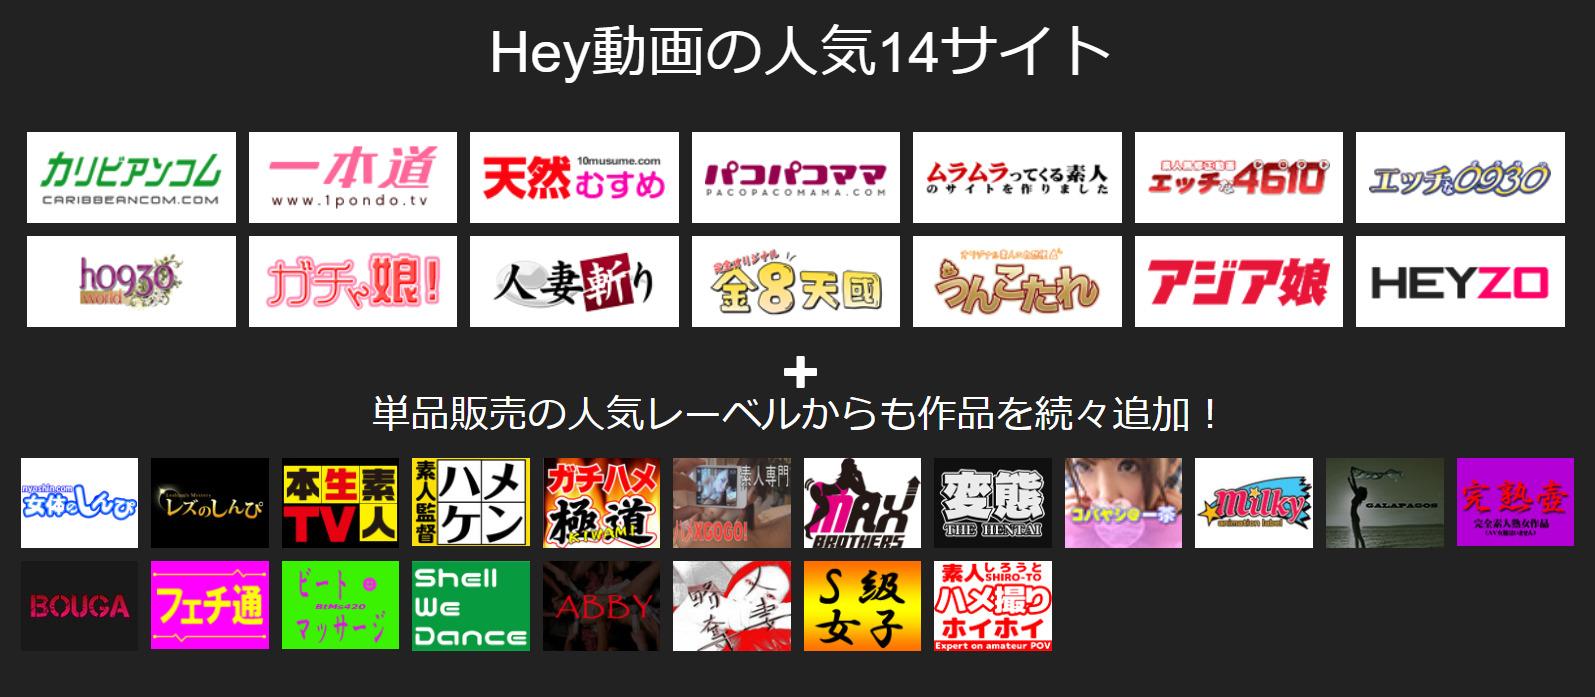 Hey動画見放題プランの配信元サイト(プロバイダー)